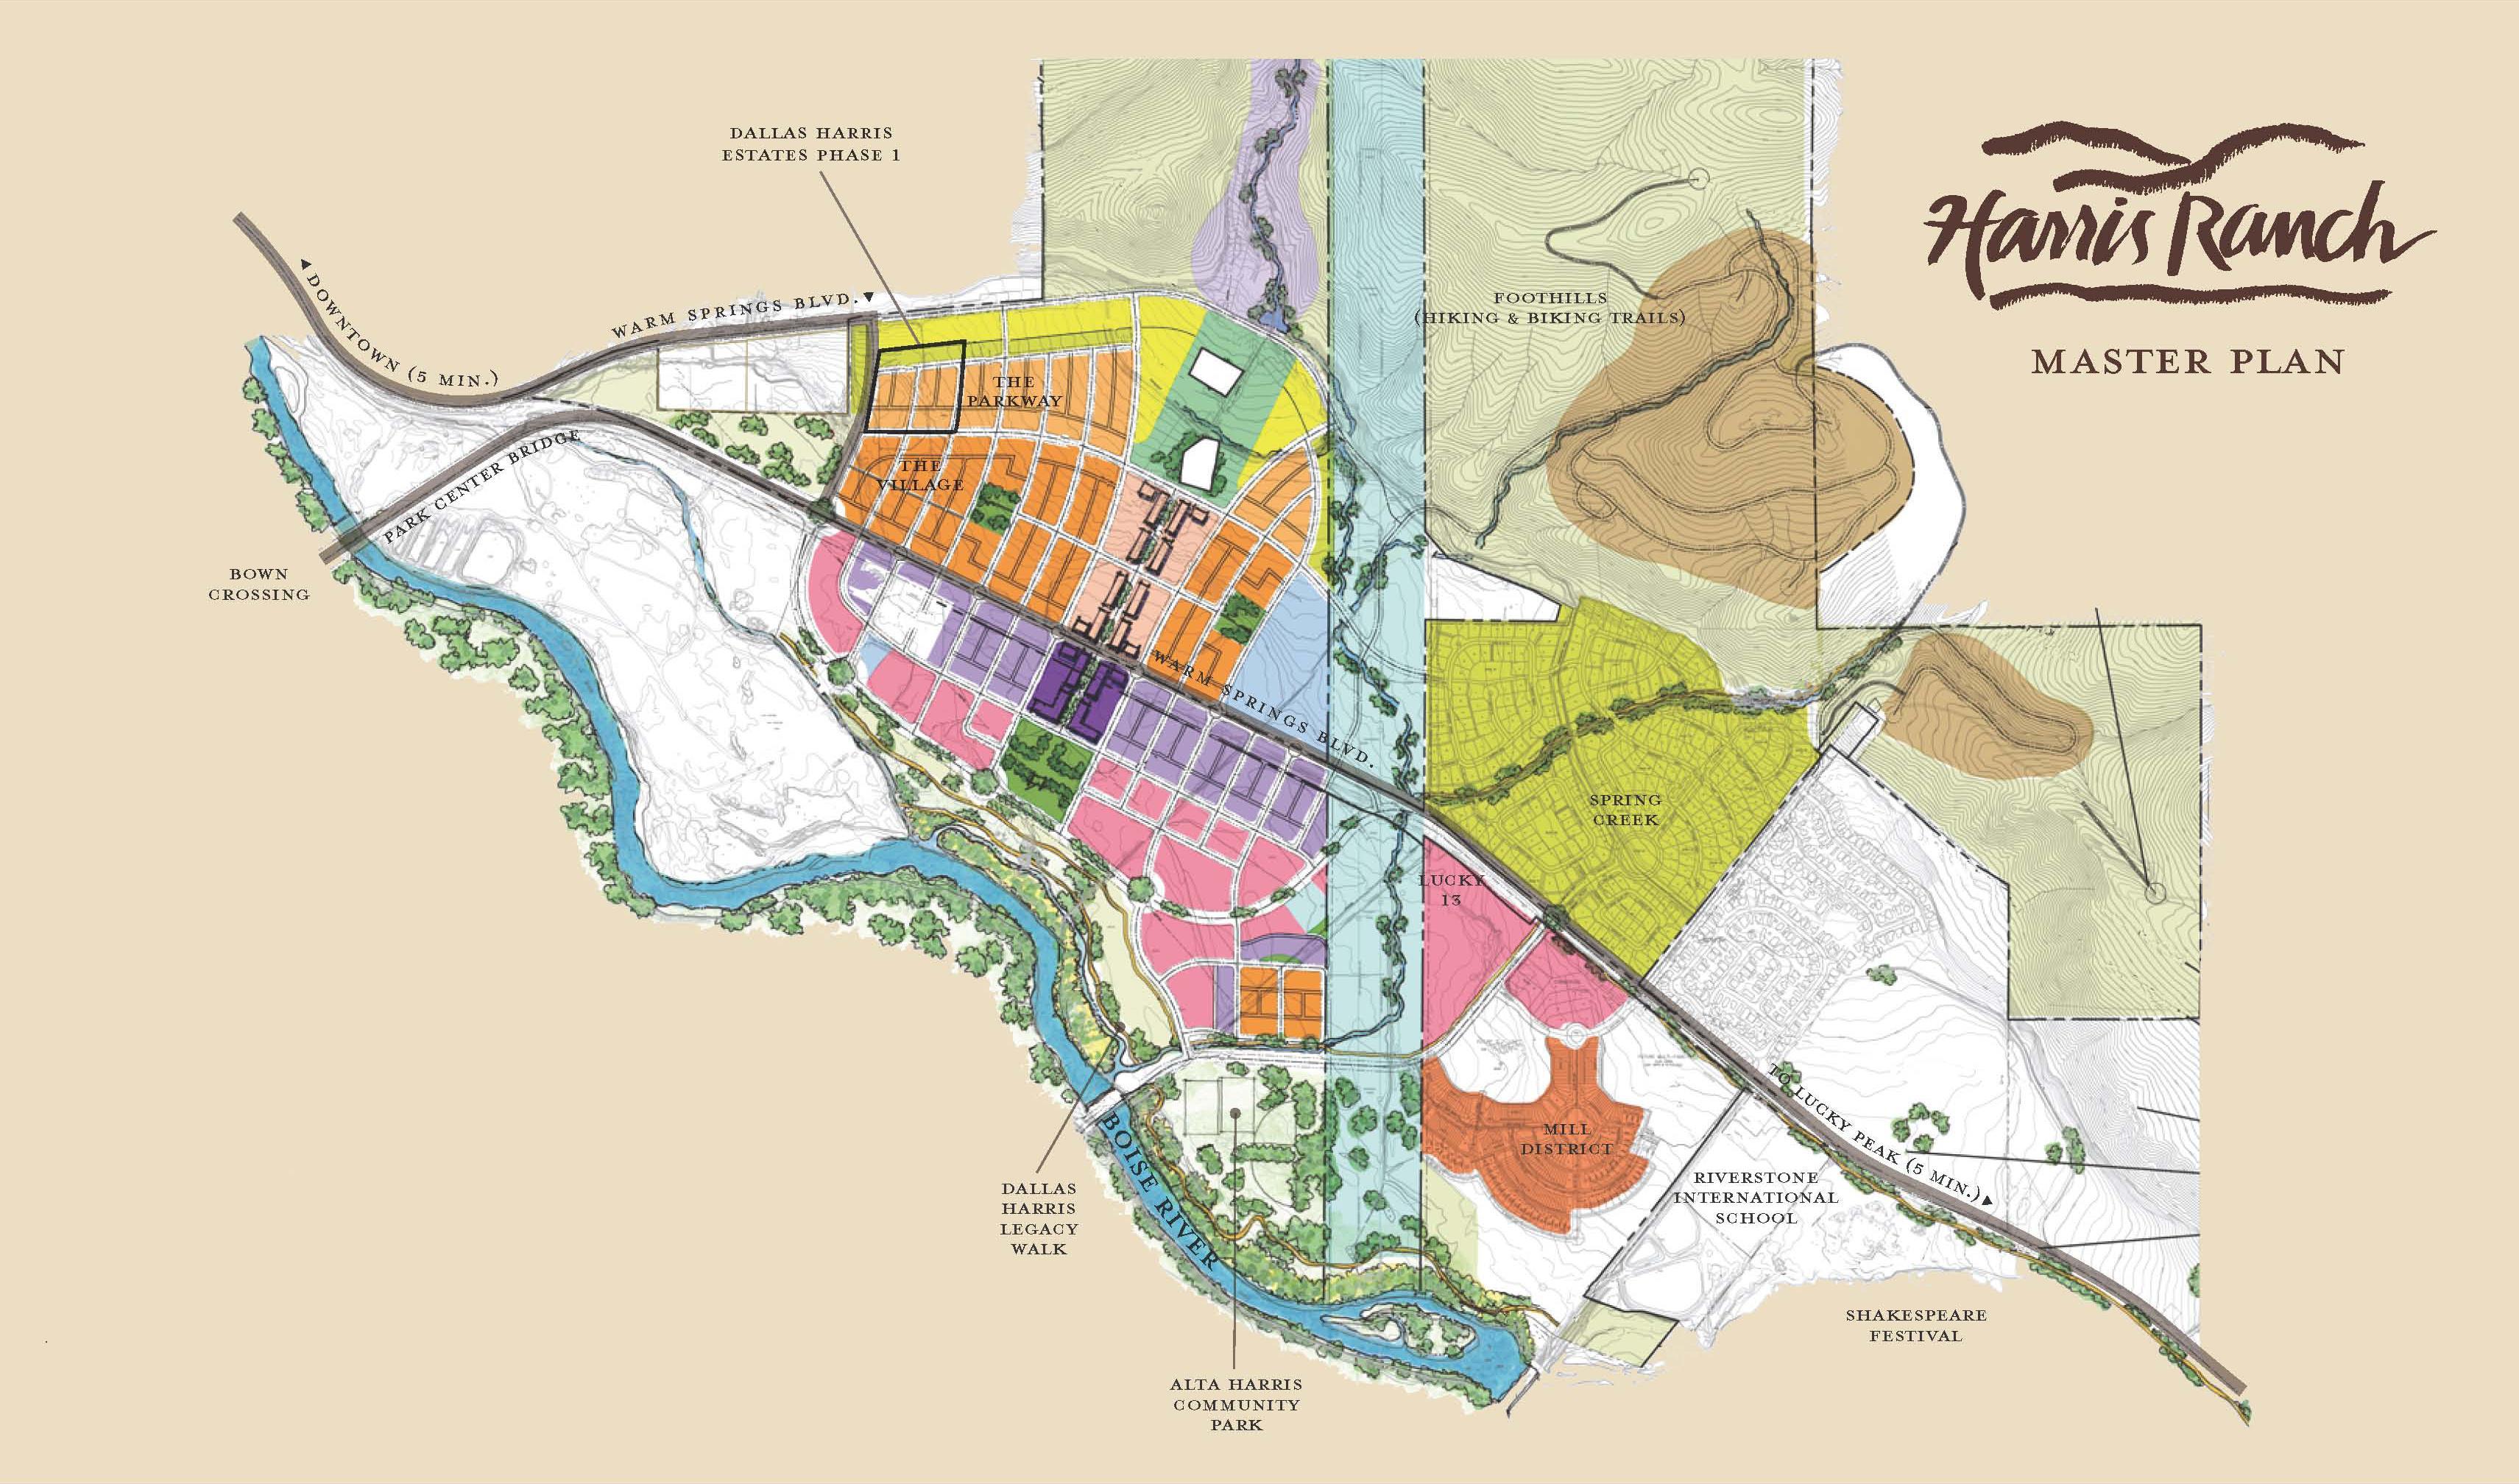 Harris Ranch Master Plan